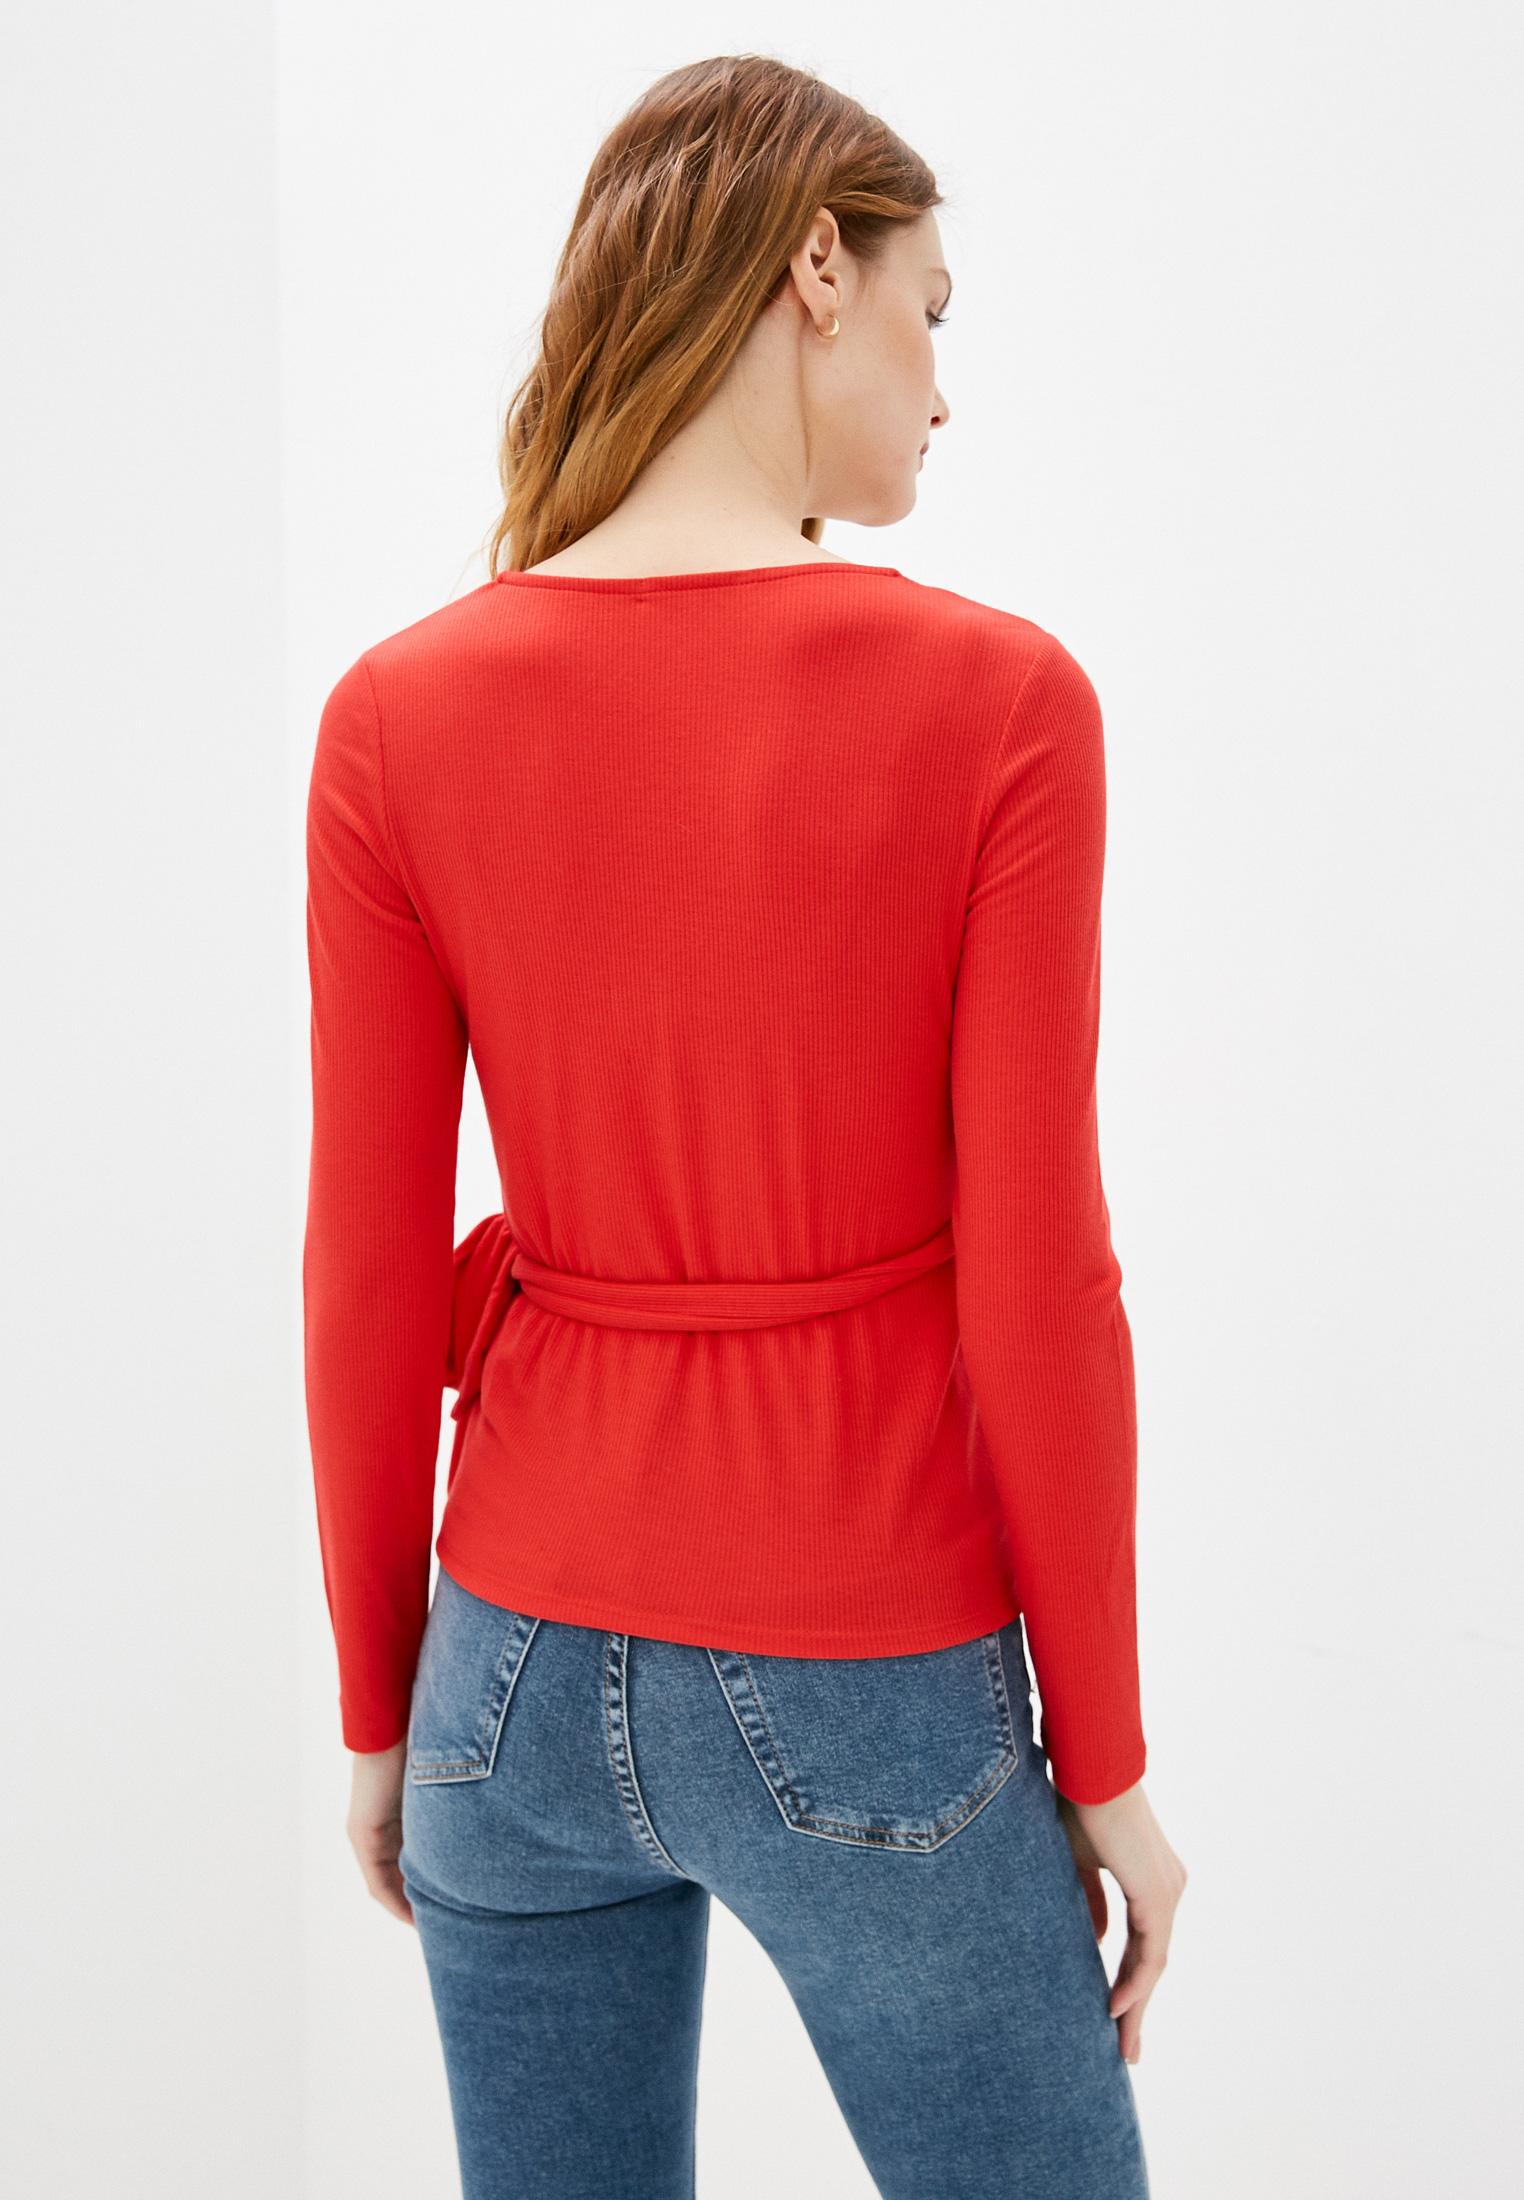 Блуза Pepe Jeans (Пепе Джинс) PL504816: изображение 3